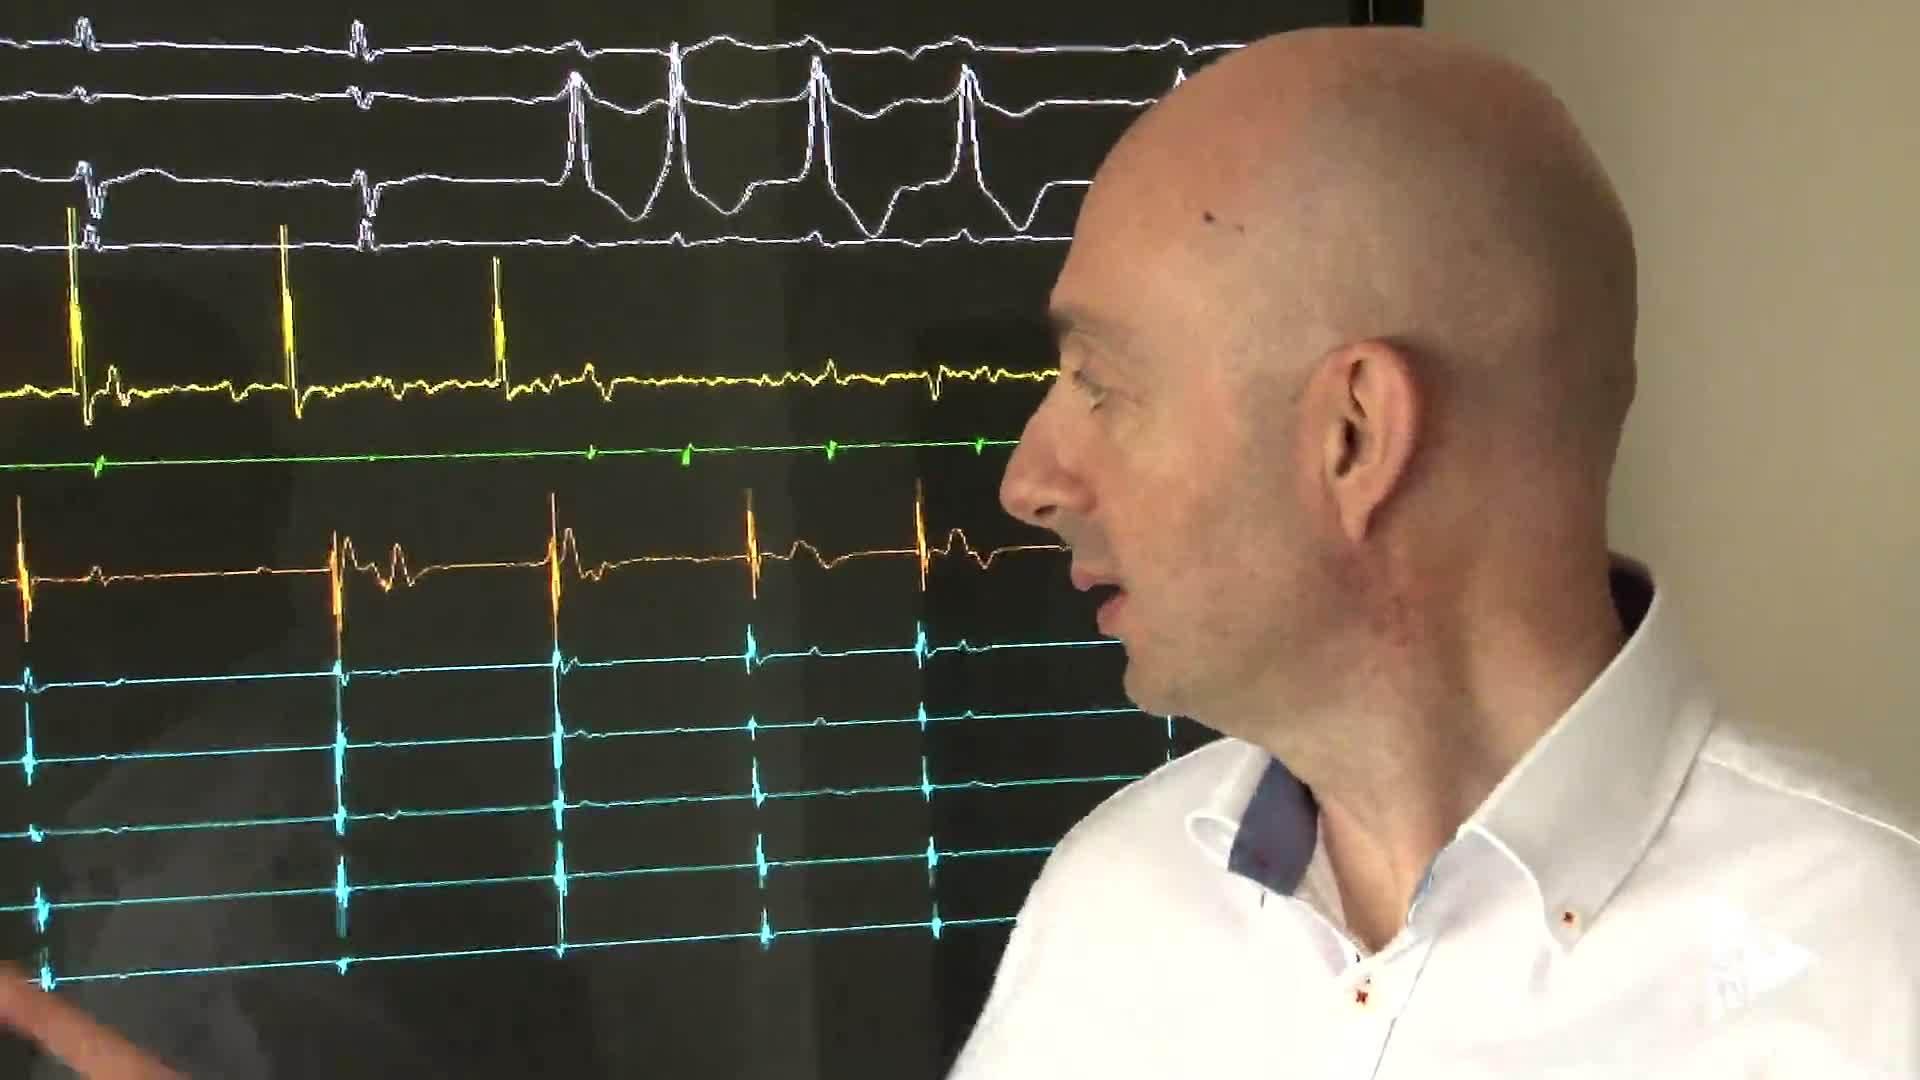 29-05-2017 Software arritmias cardiacas